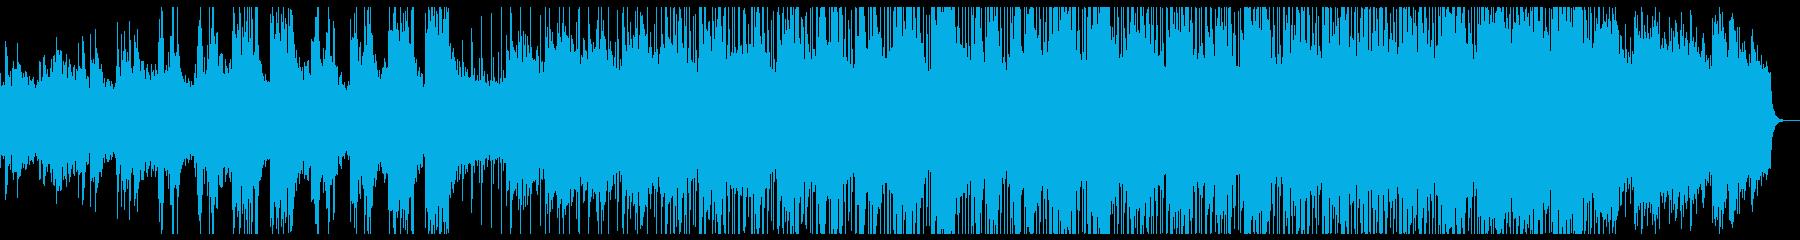 懐かしいシンフォニックチルアウトポップ。の再生済みの波形